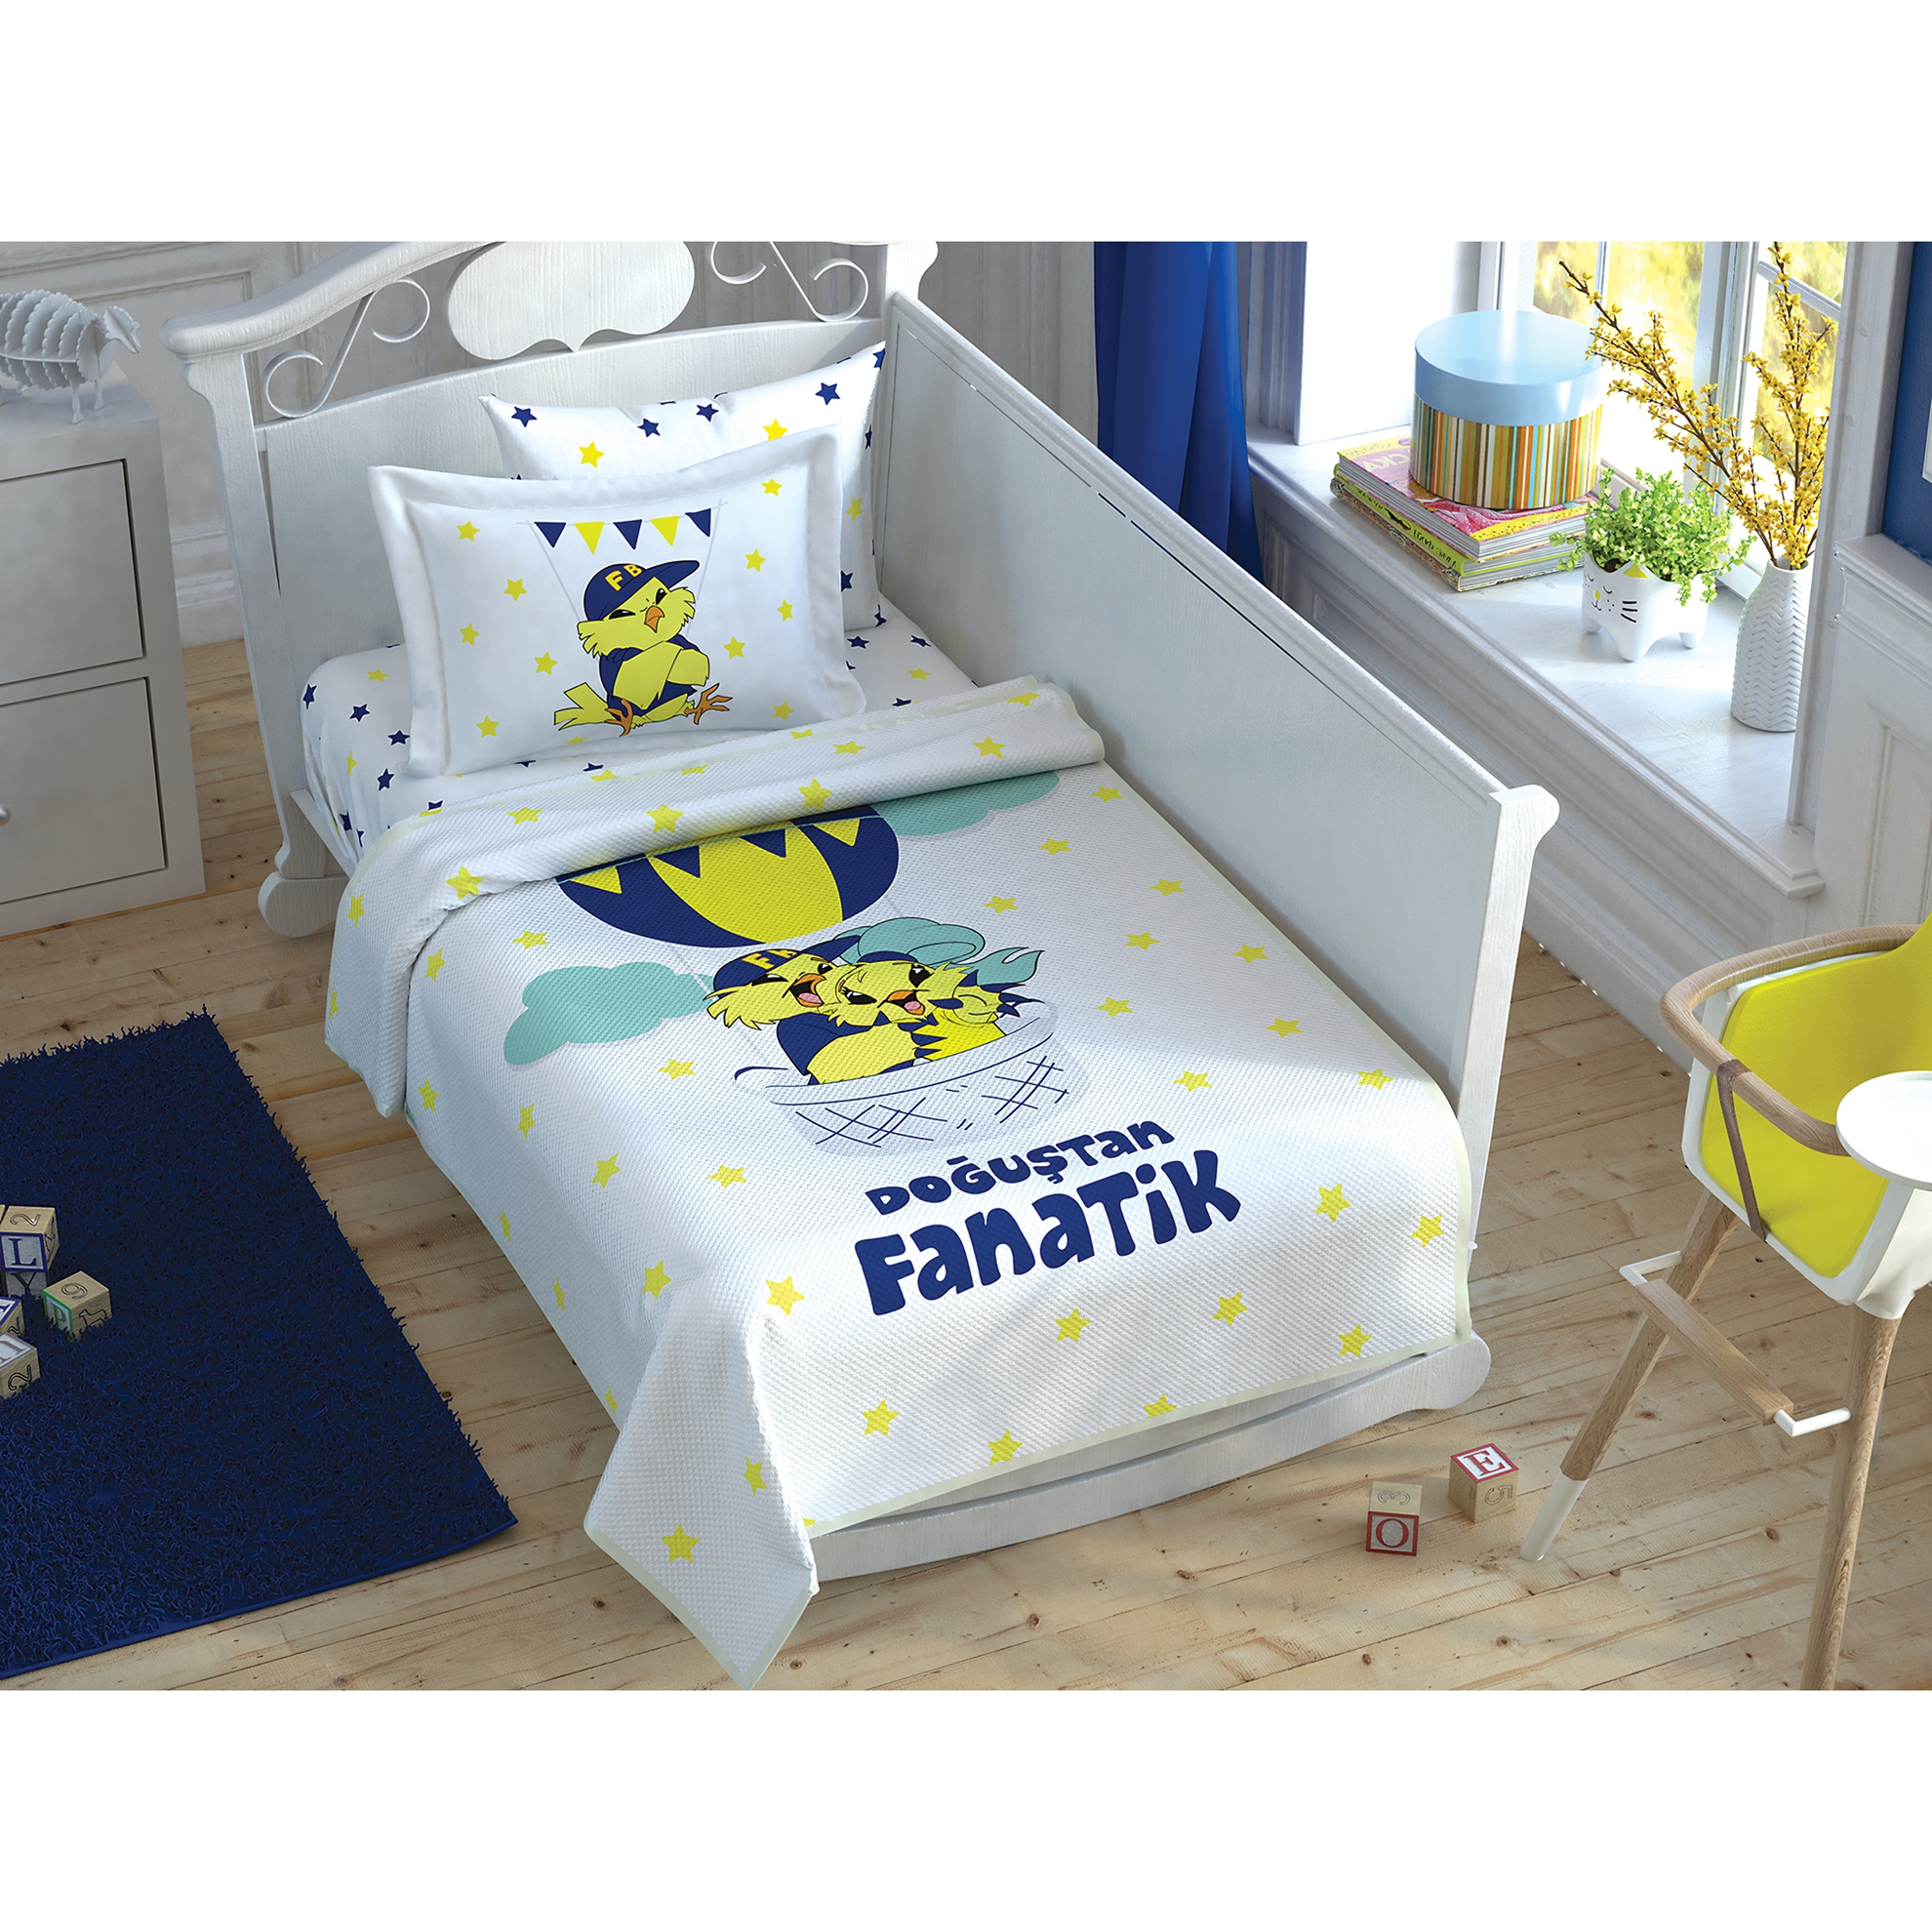 resm Taç Fenerbahçe Sarı Kanarya Fanatik Baby Bebek Pike Takımı